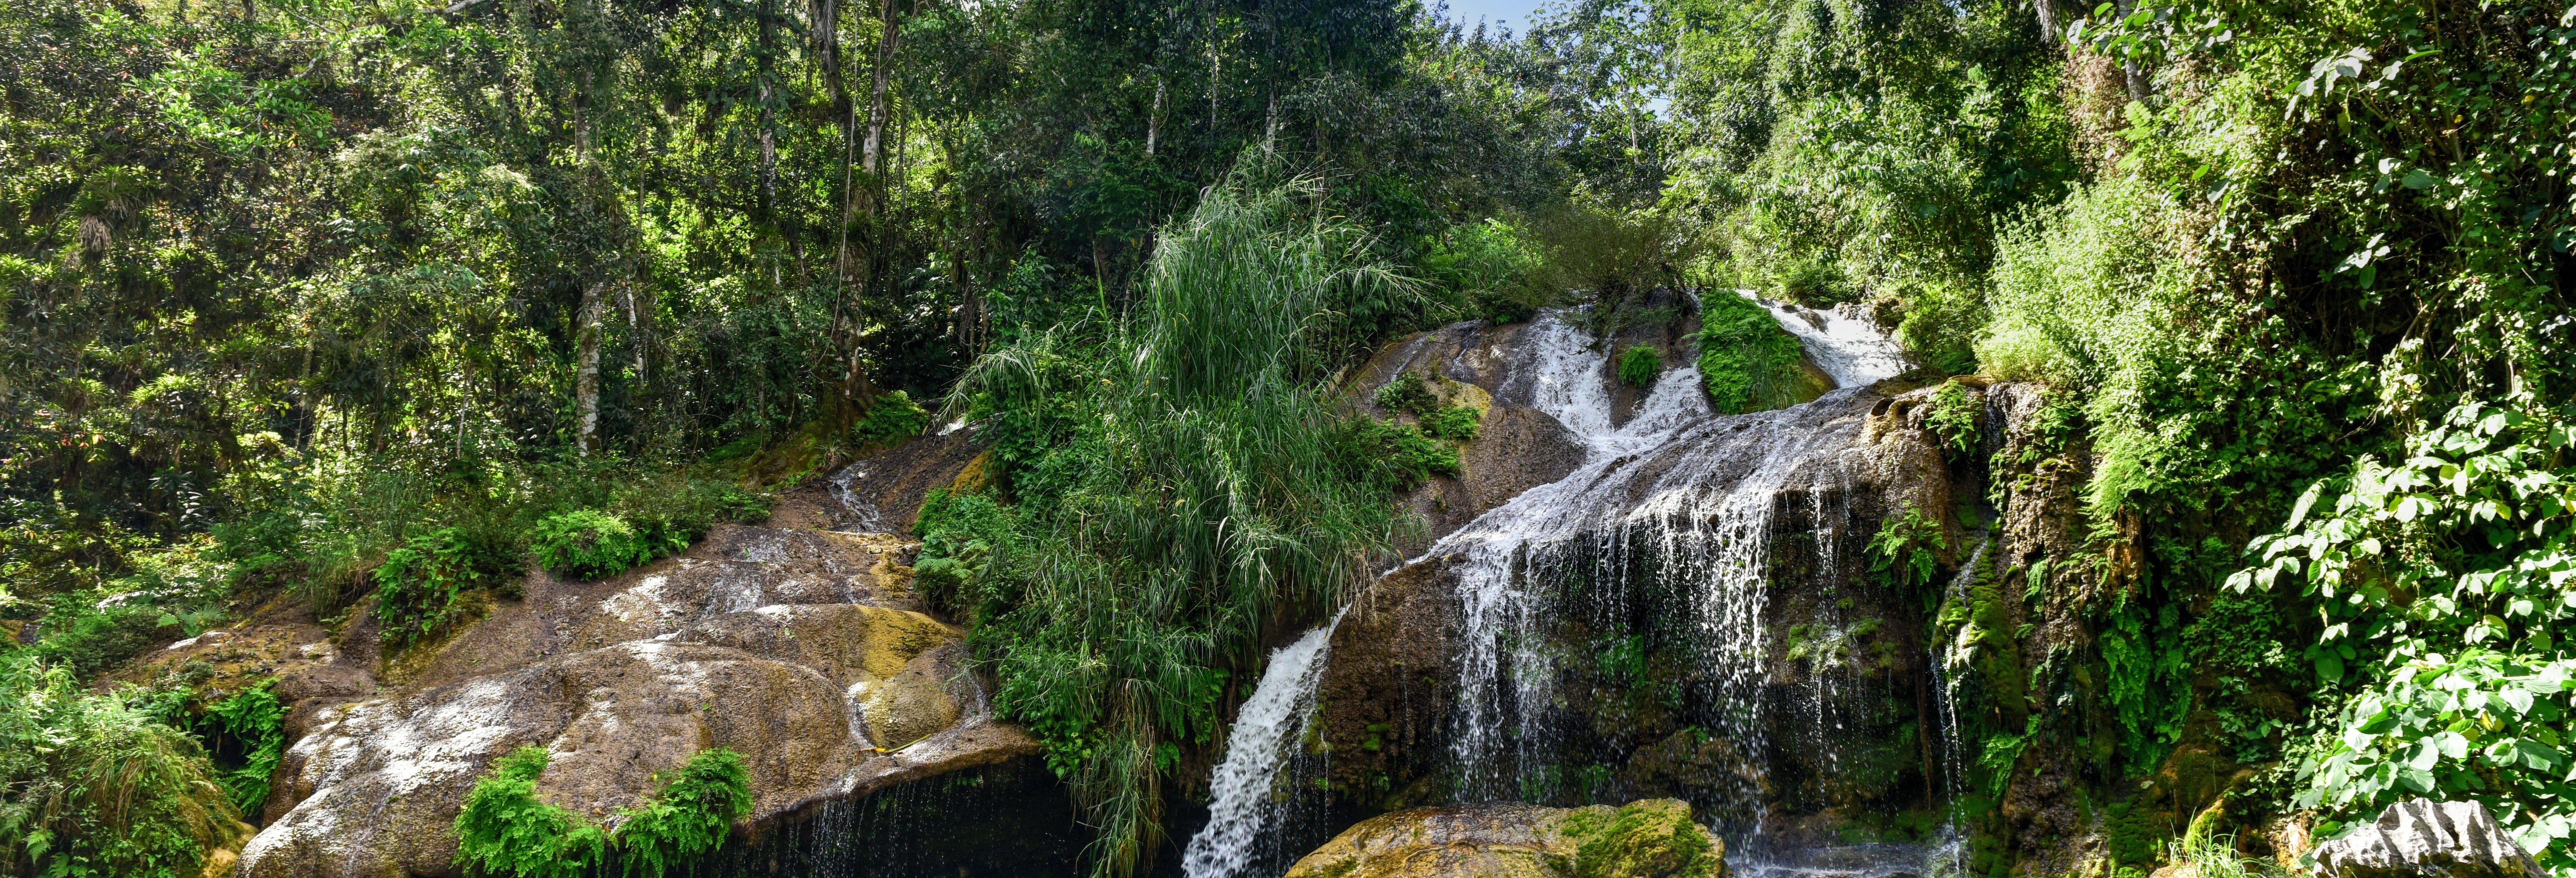 Excursión a caballo por el Parque El Cubano